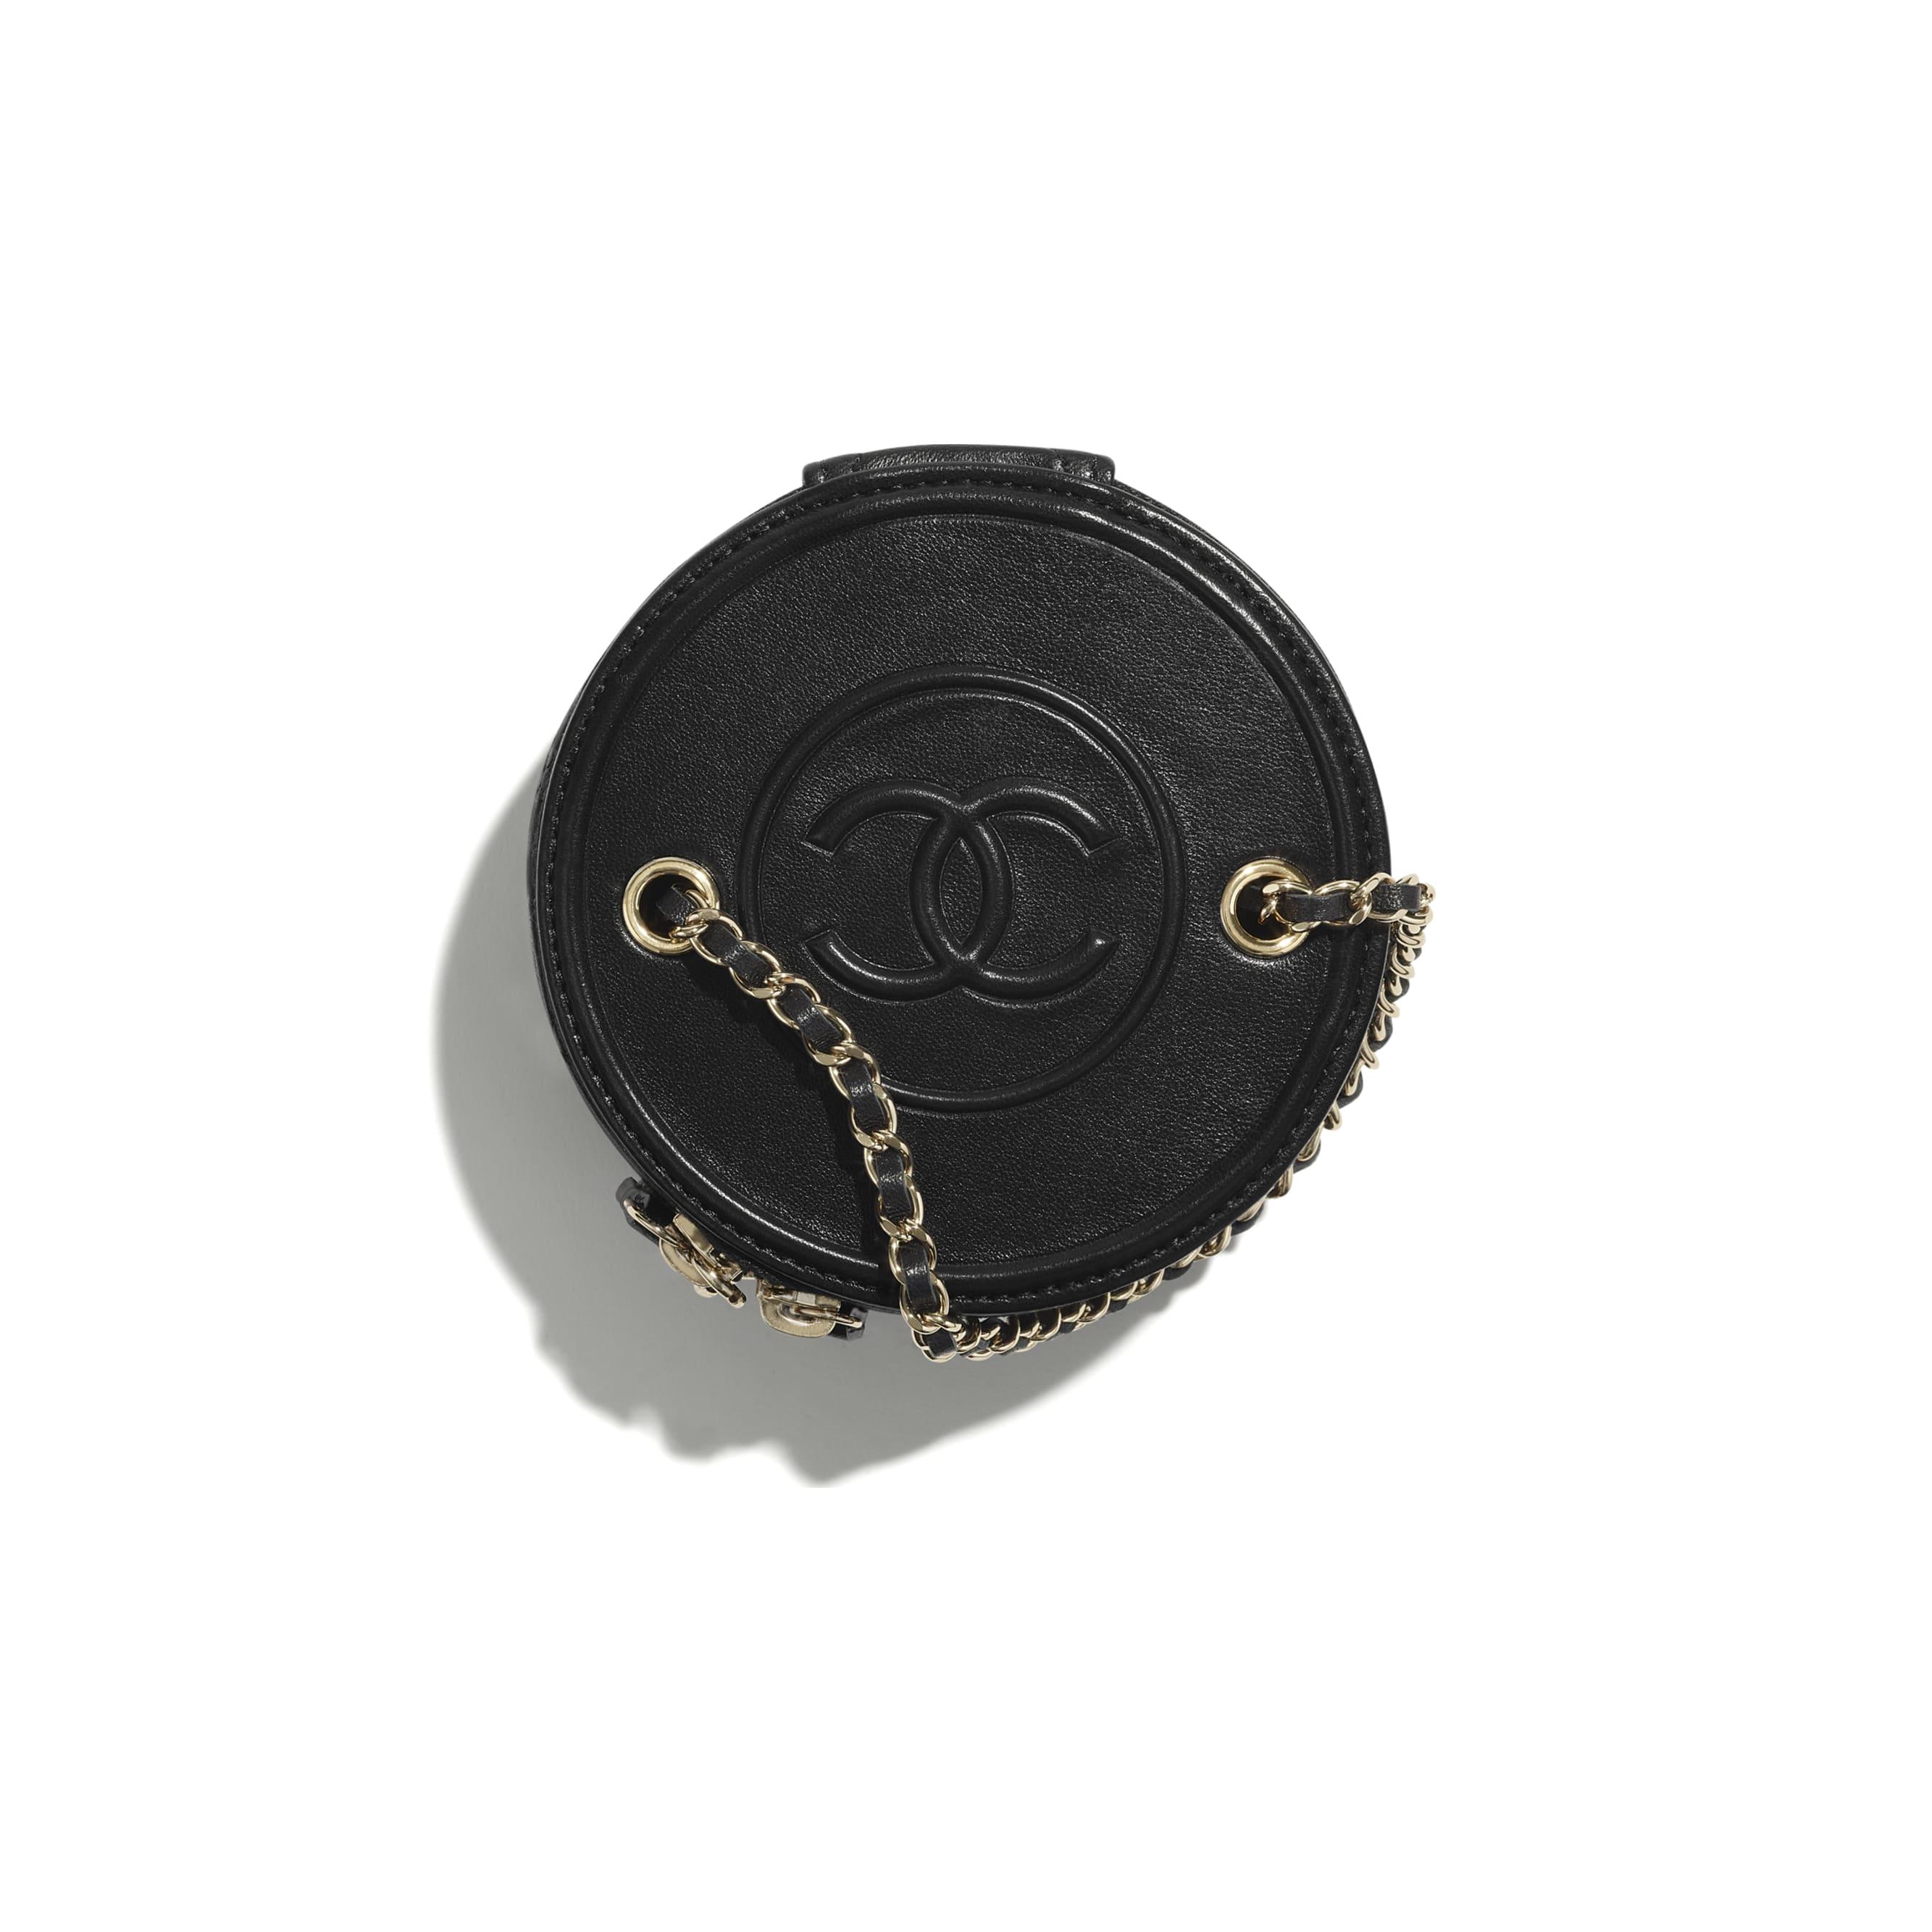 小型鍊子化妝包 - 黑 - 小羊皮與金色金屬 - CHANEL - 替代視圖 - 查看標準尺寸版本